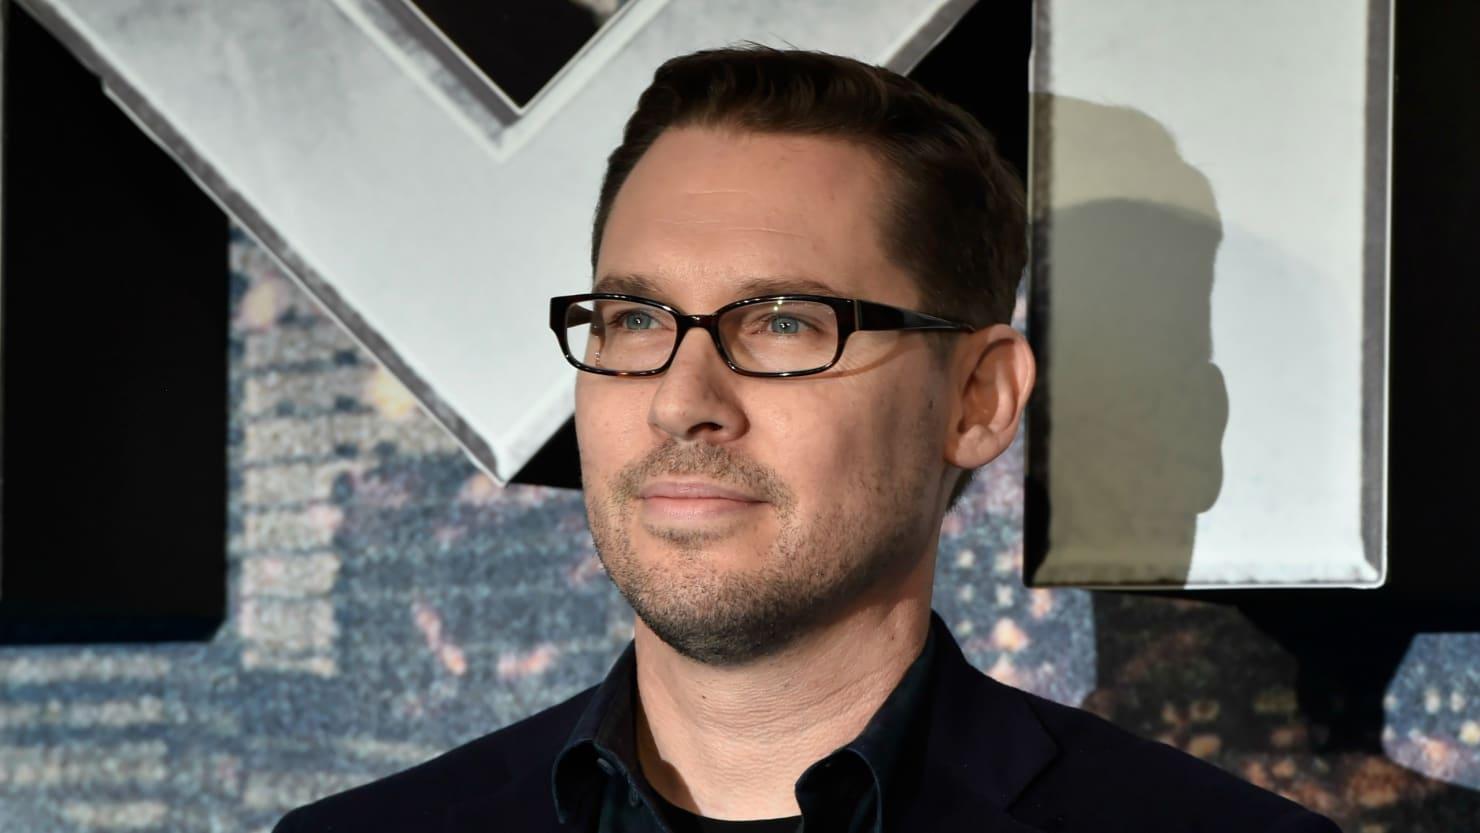 X-Men'in Yönetmeni Bryan Singer, 17 Yaşında Bir Çocuğa Cinsel Saldırıda Mı Bulundu!?!